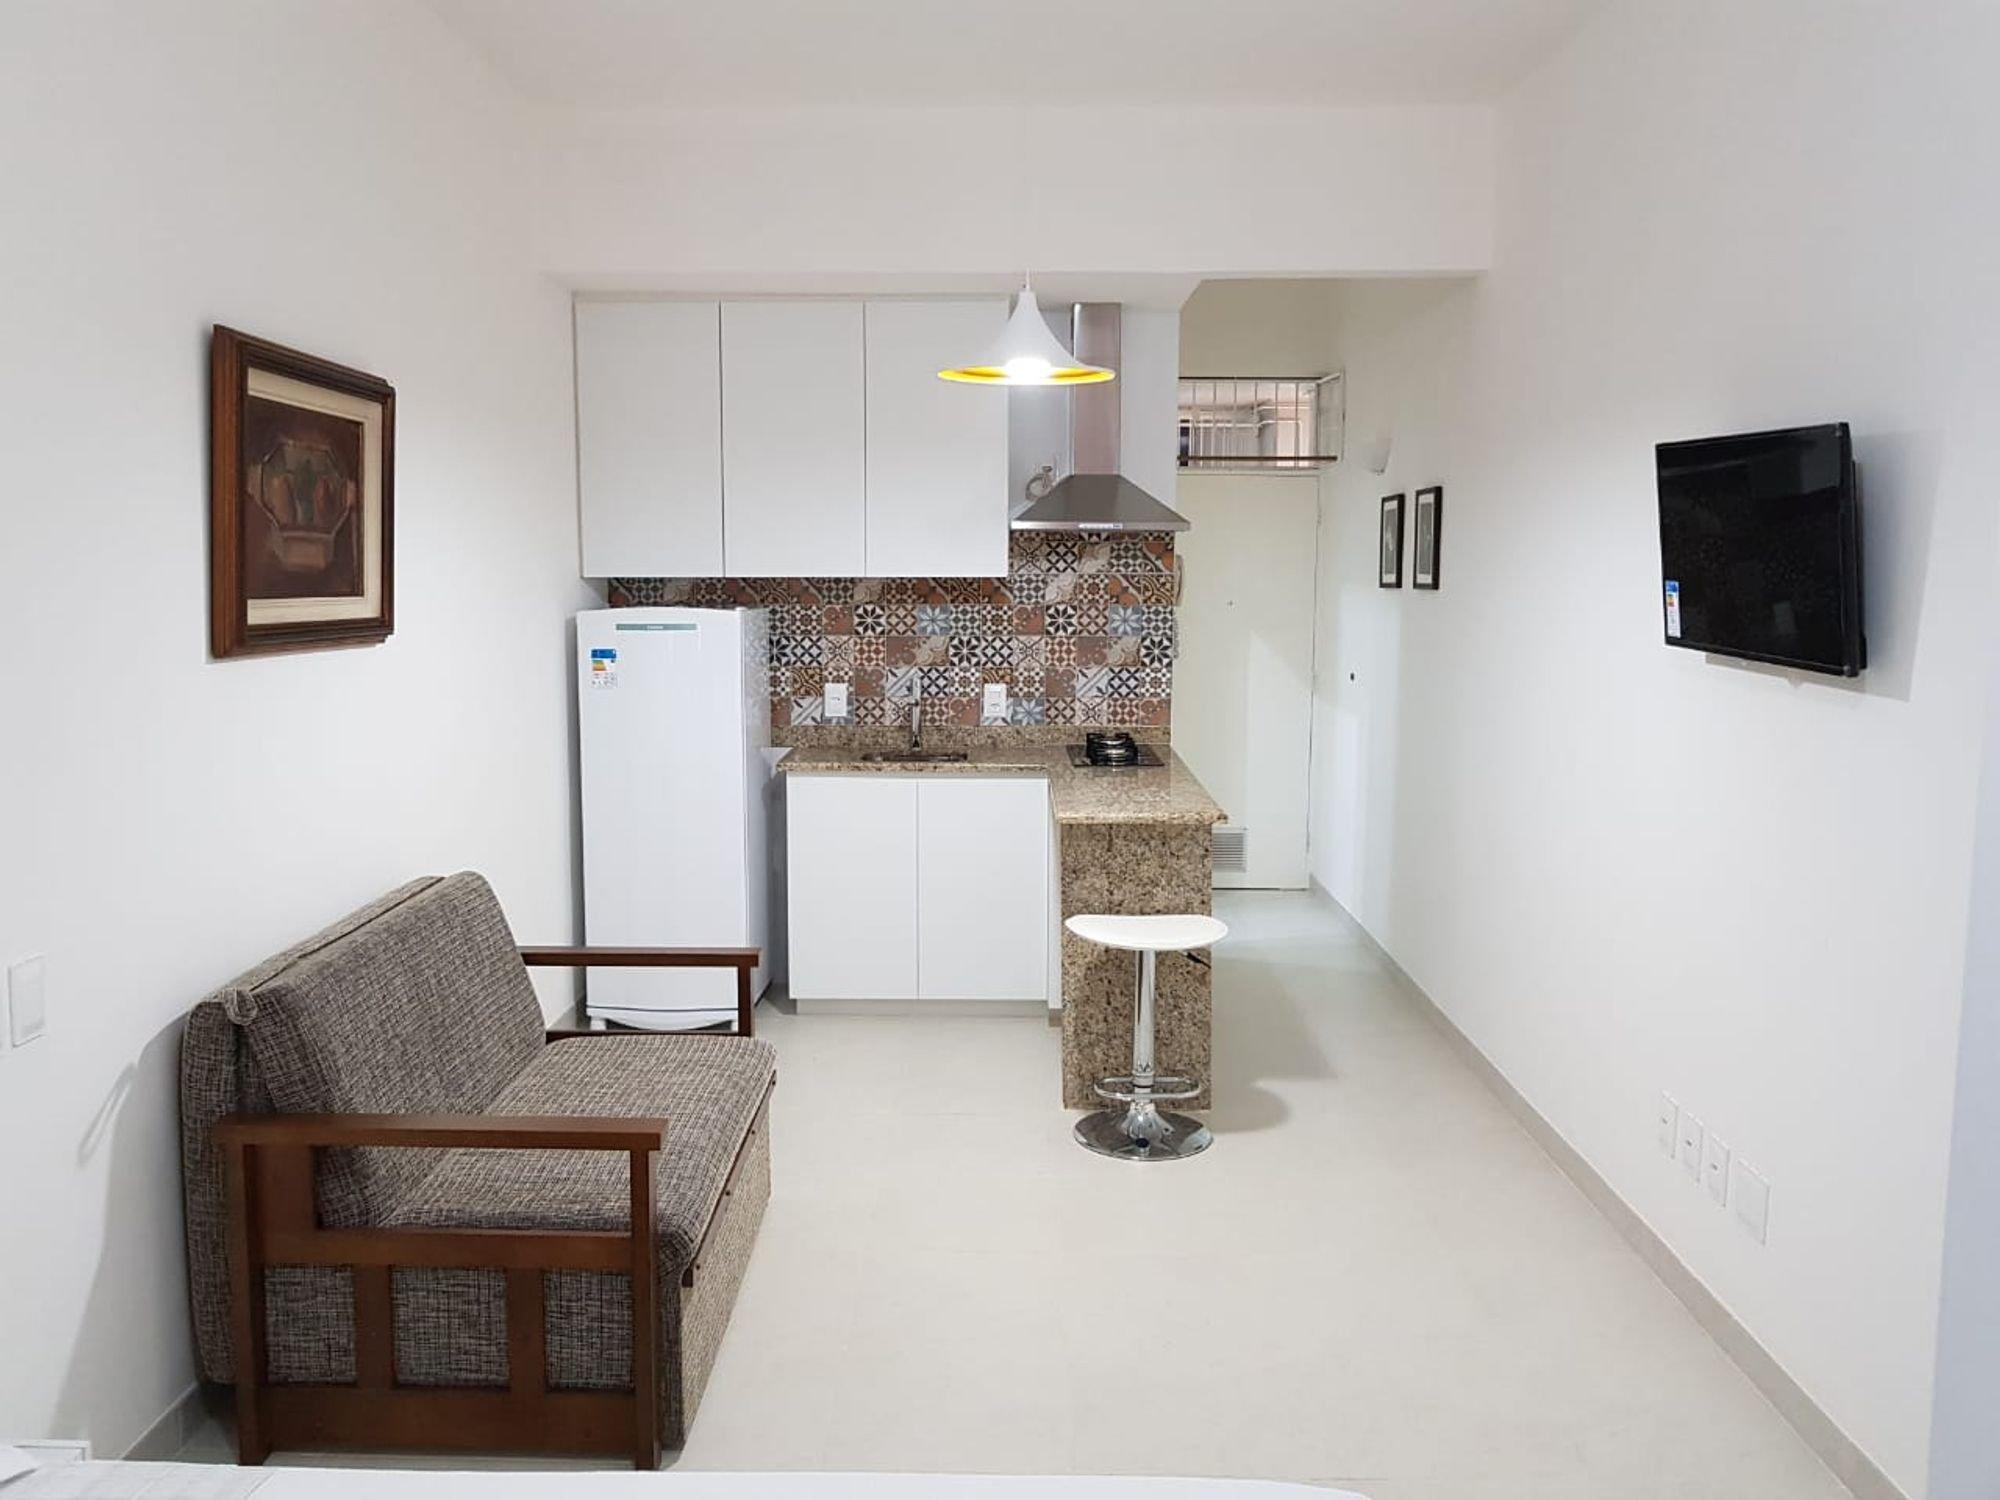 Foto de Cozinha com sofá, geladeira, televisão